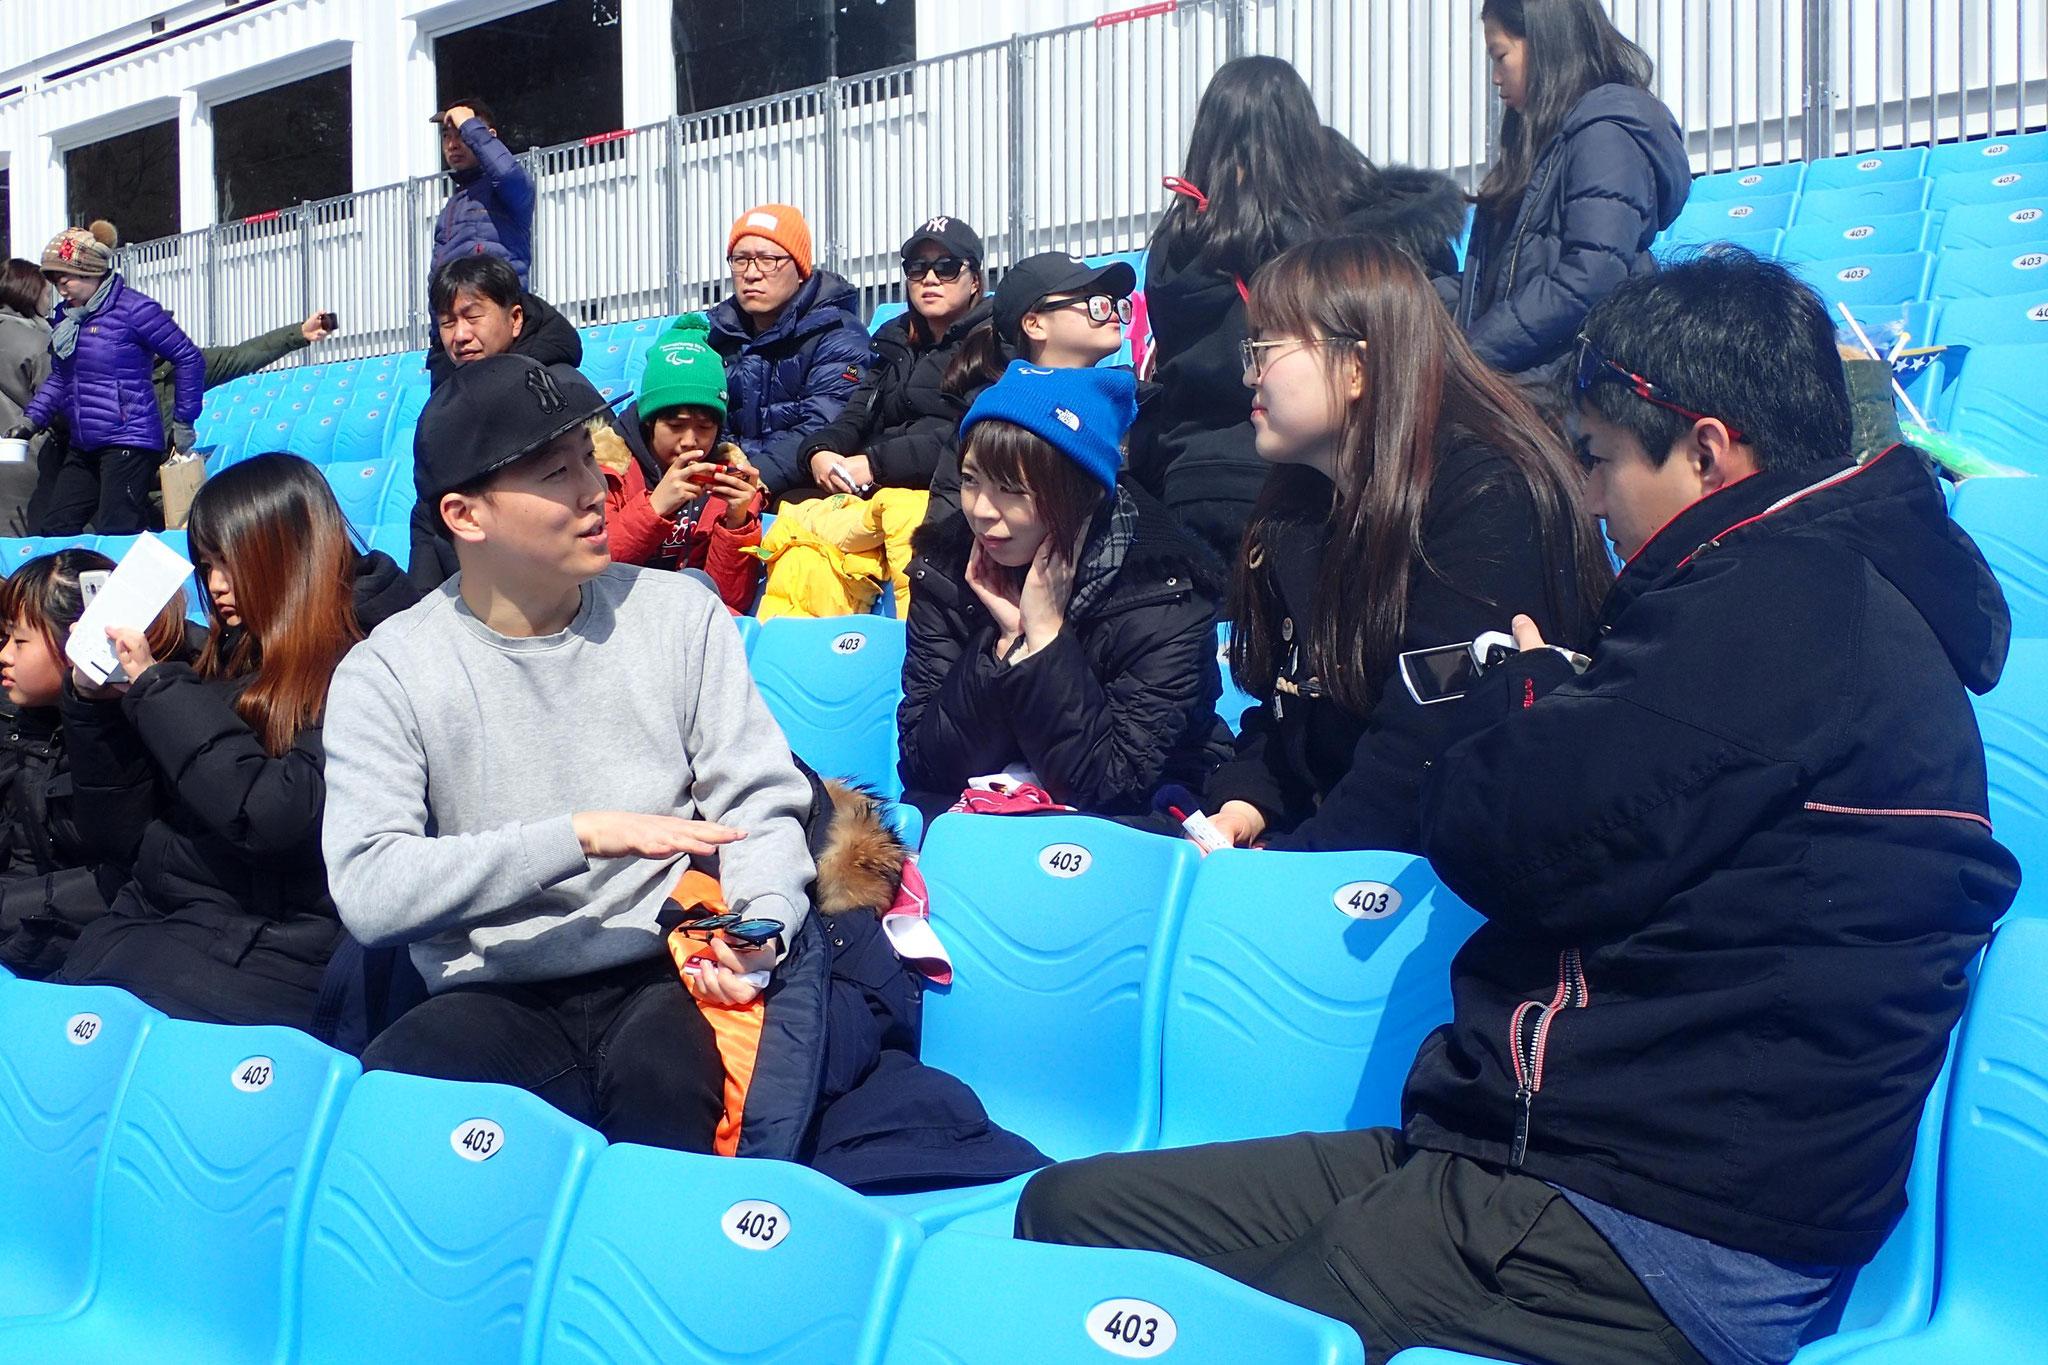 小学生を連れて観戦に来ていた先生にパラ教育についてお話を聞きました